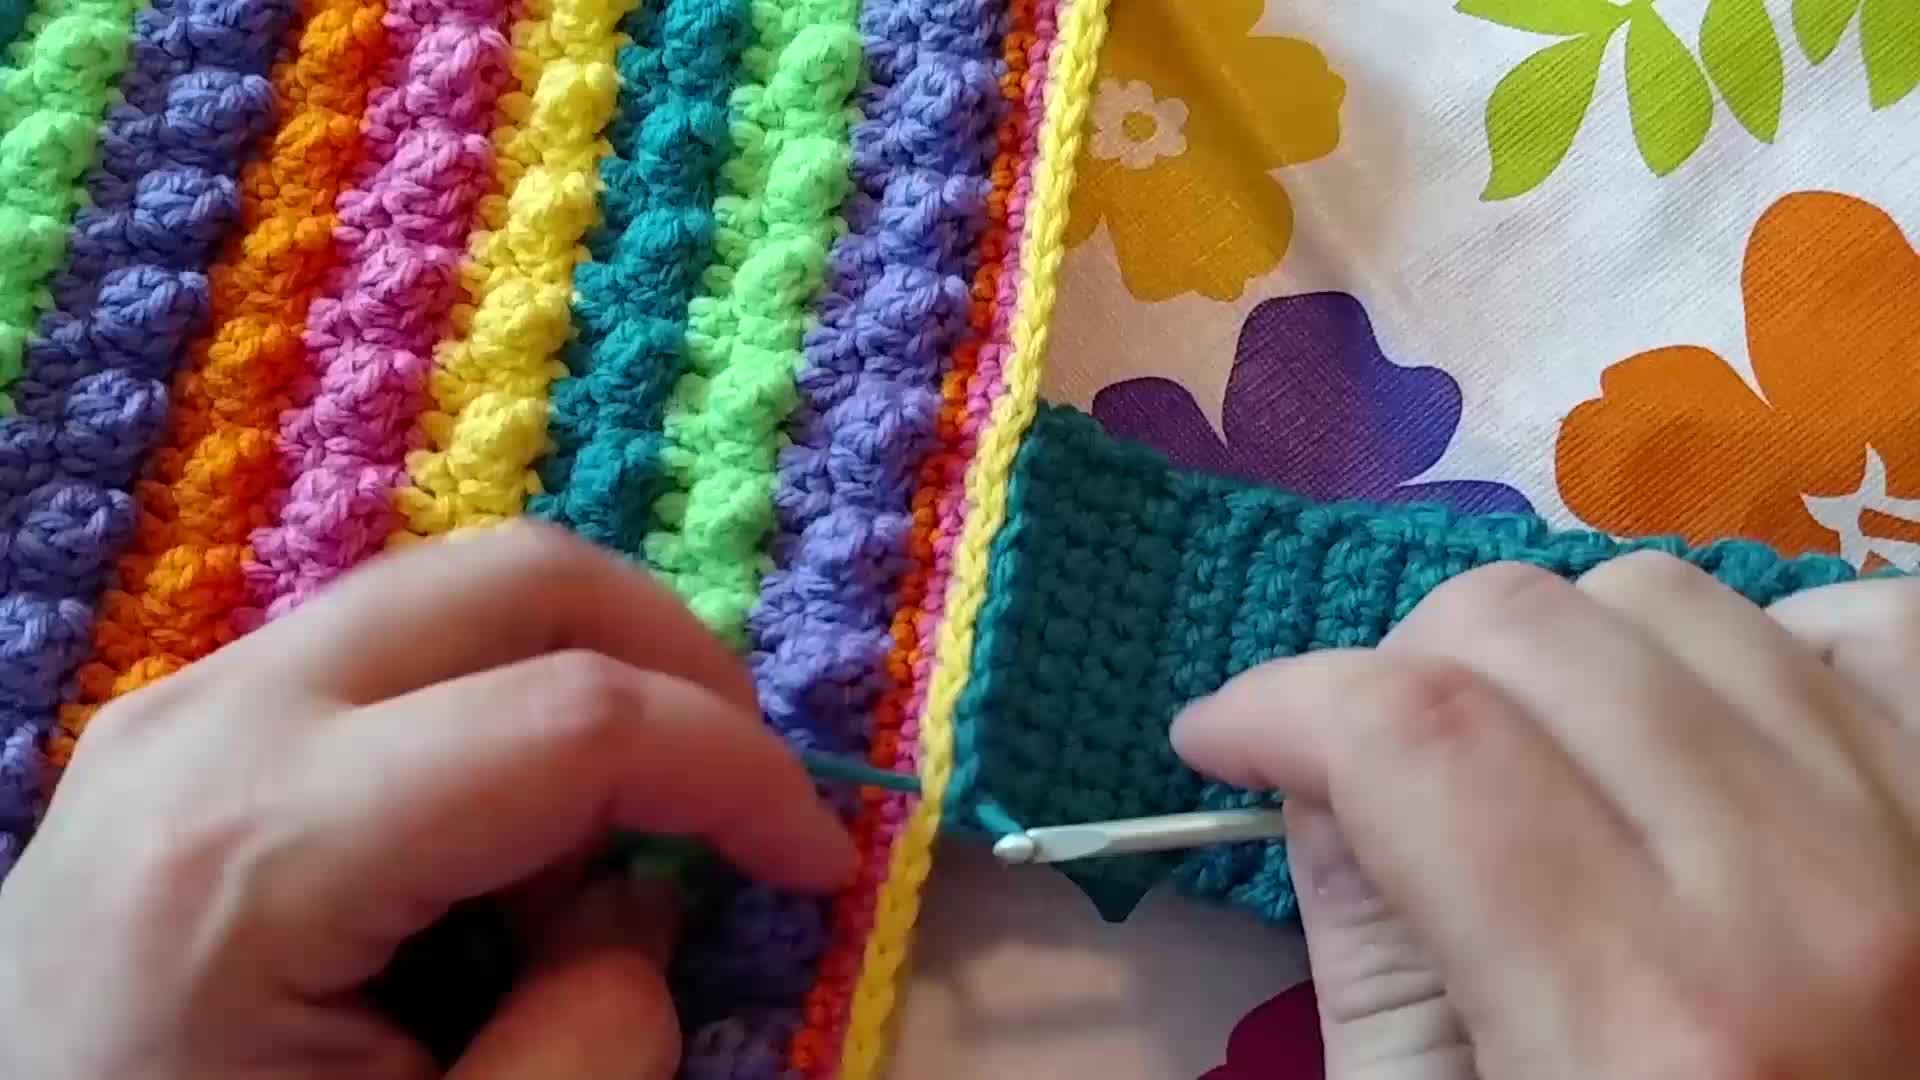 Crochet Pattern Maker Mac : Crochet Tea Cup Pattern Part 1 - Education Videos